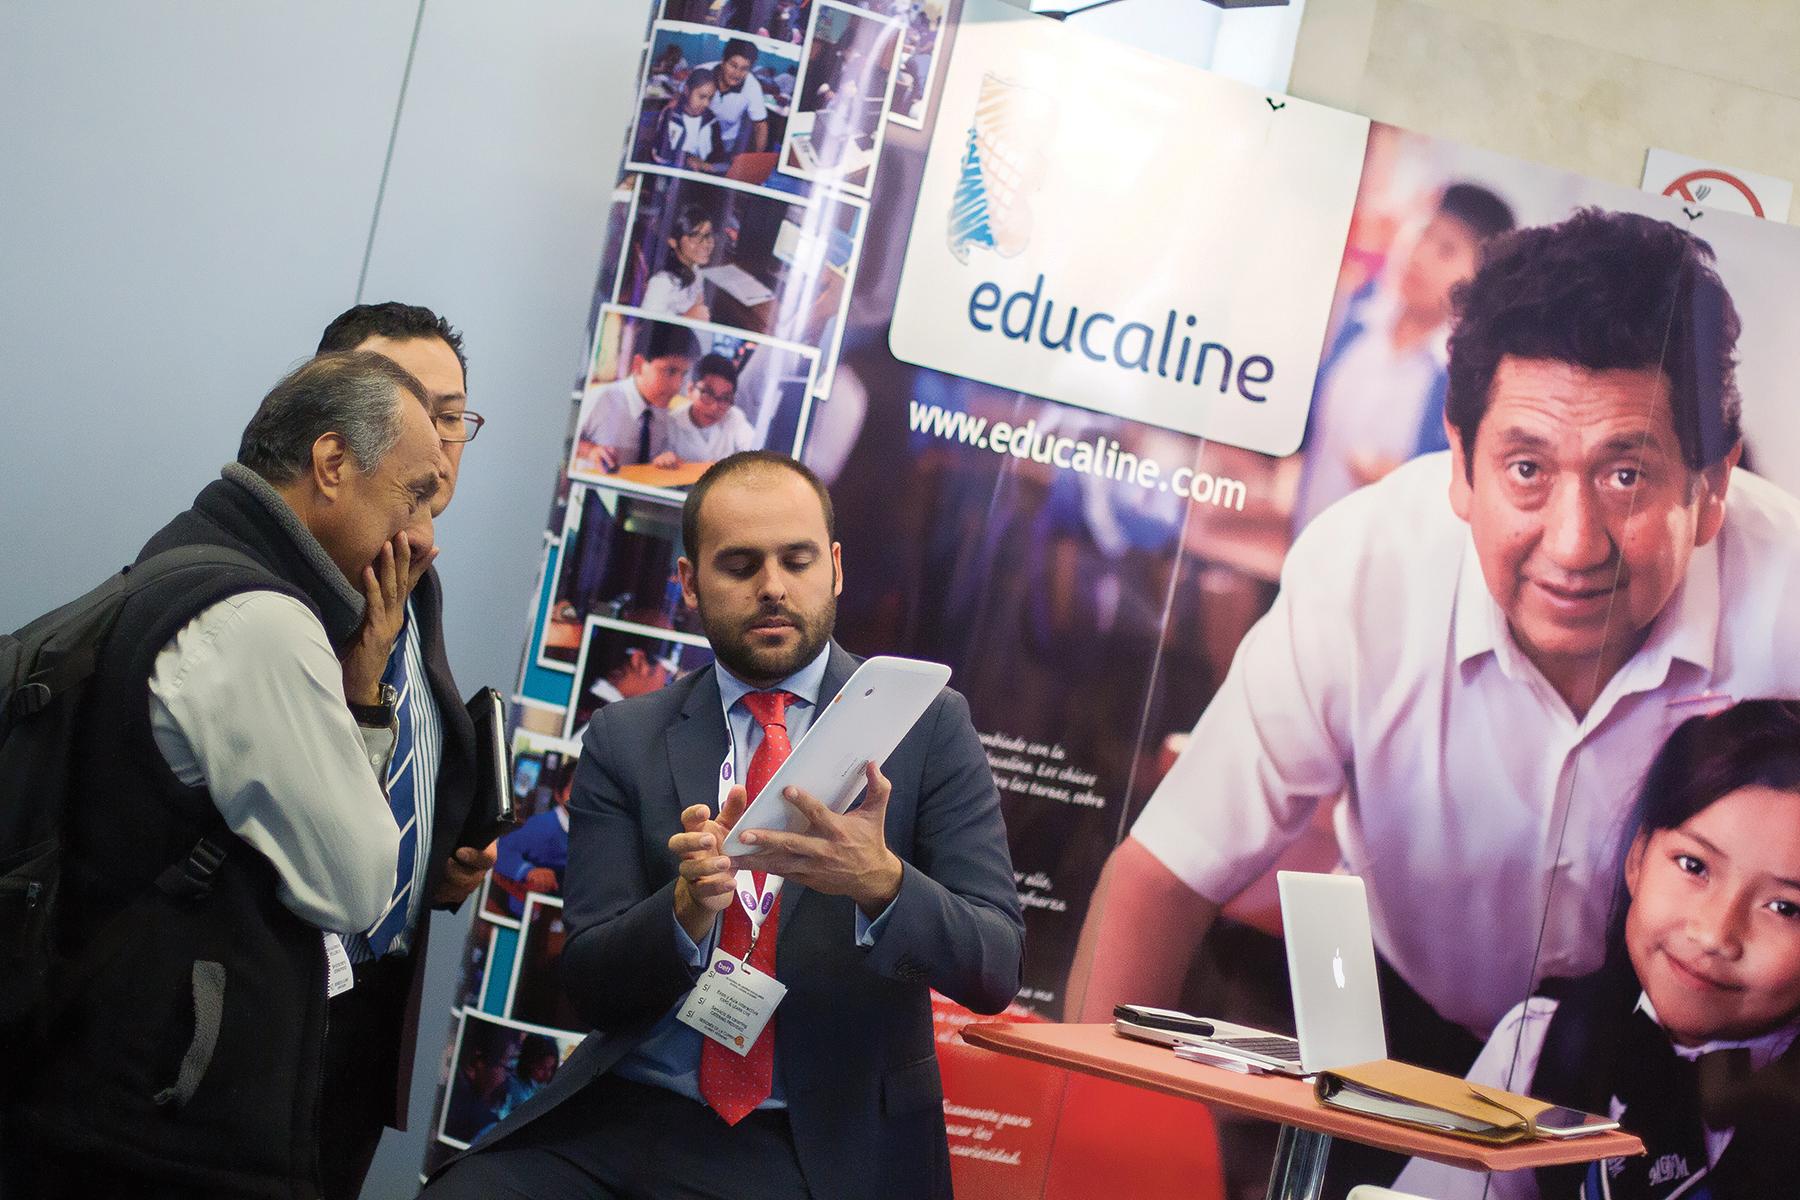 Javier Pérez, del Equipo de Educaline, atendiendo a varios de los cientos de visitantes de la conferencia de dos días, en su stand, Perú aprendiendo sin límites